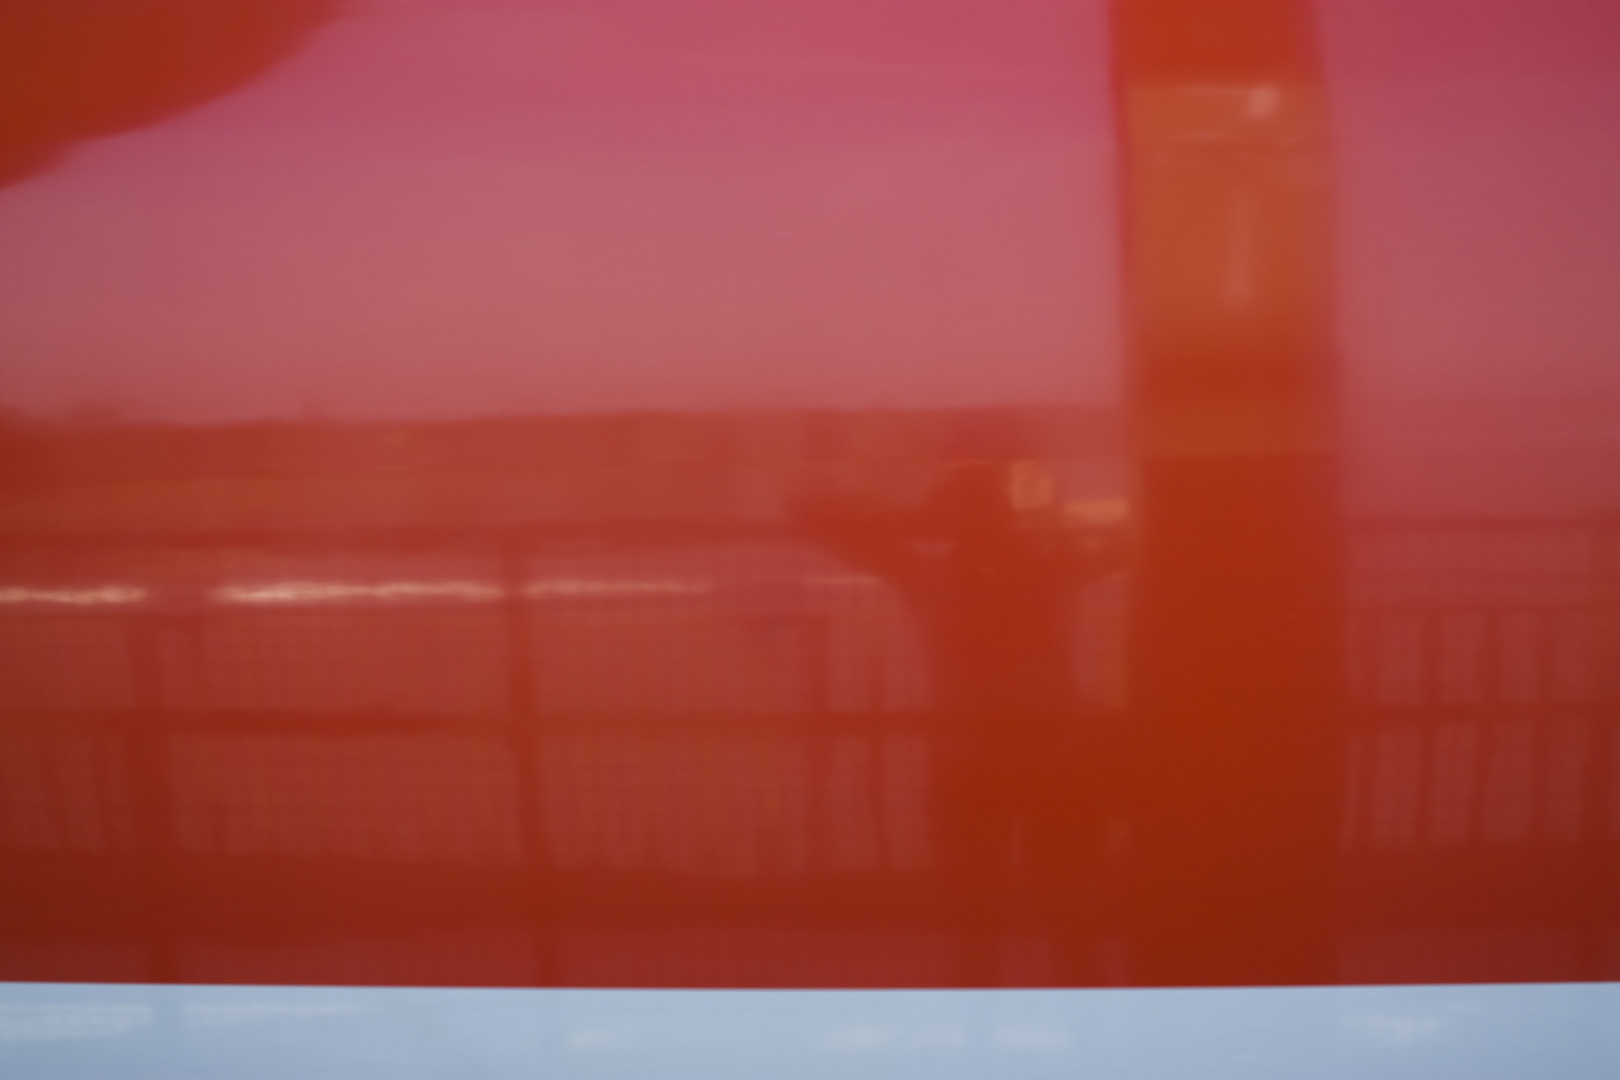 rote fläche